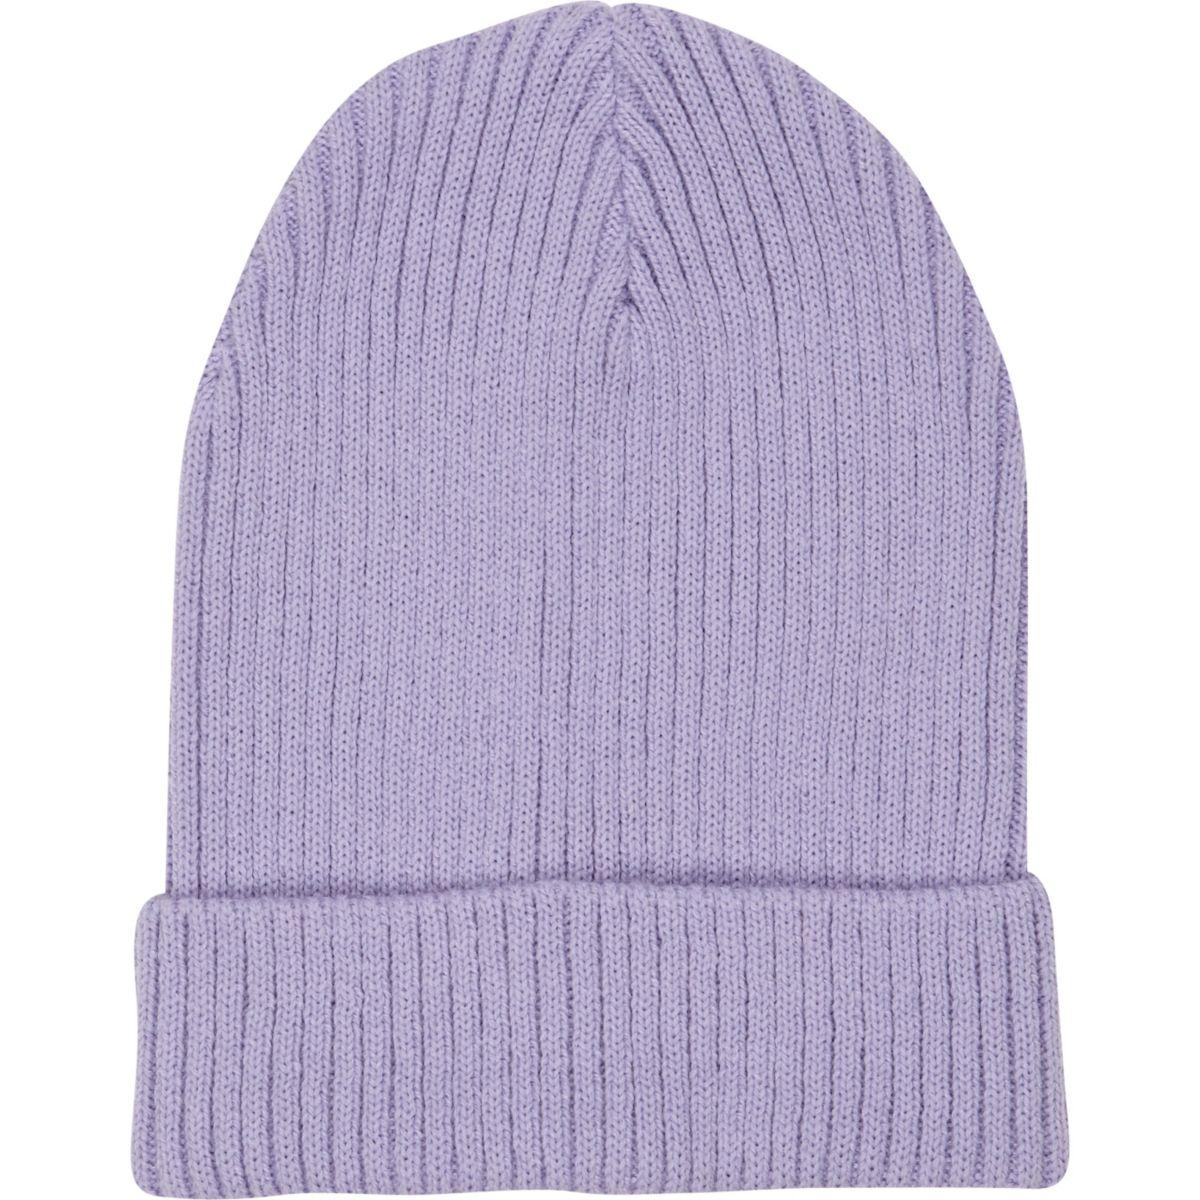 Purple rib knit beanie hat